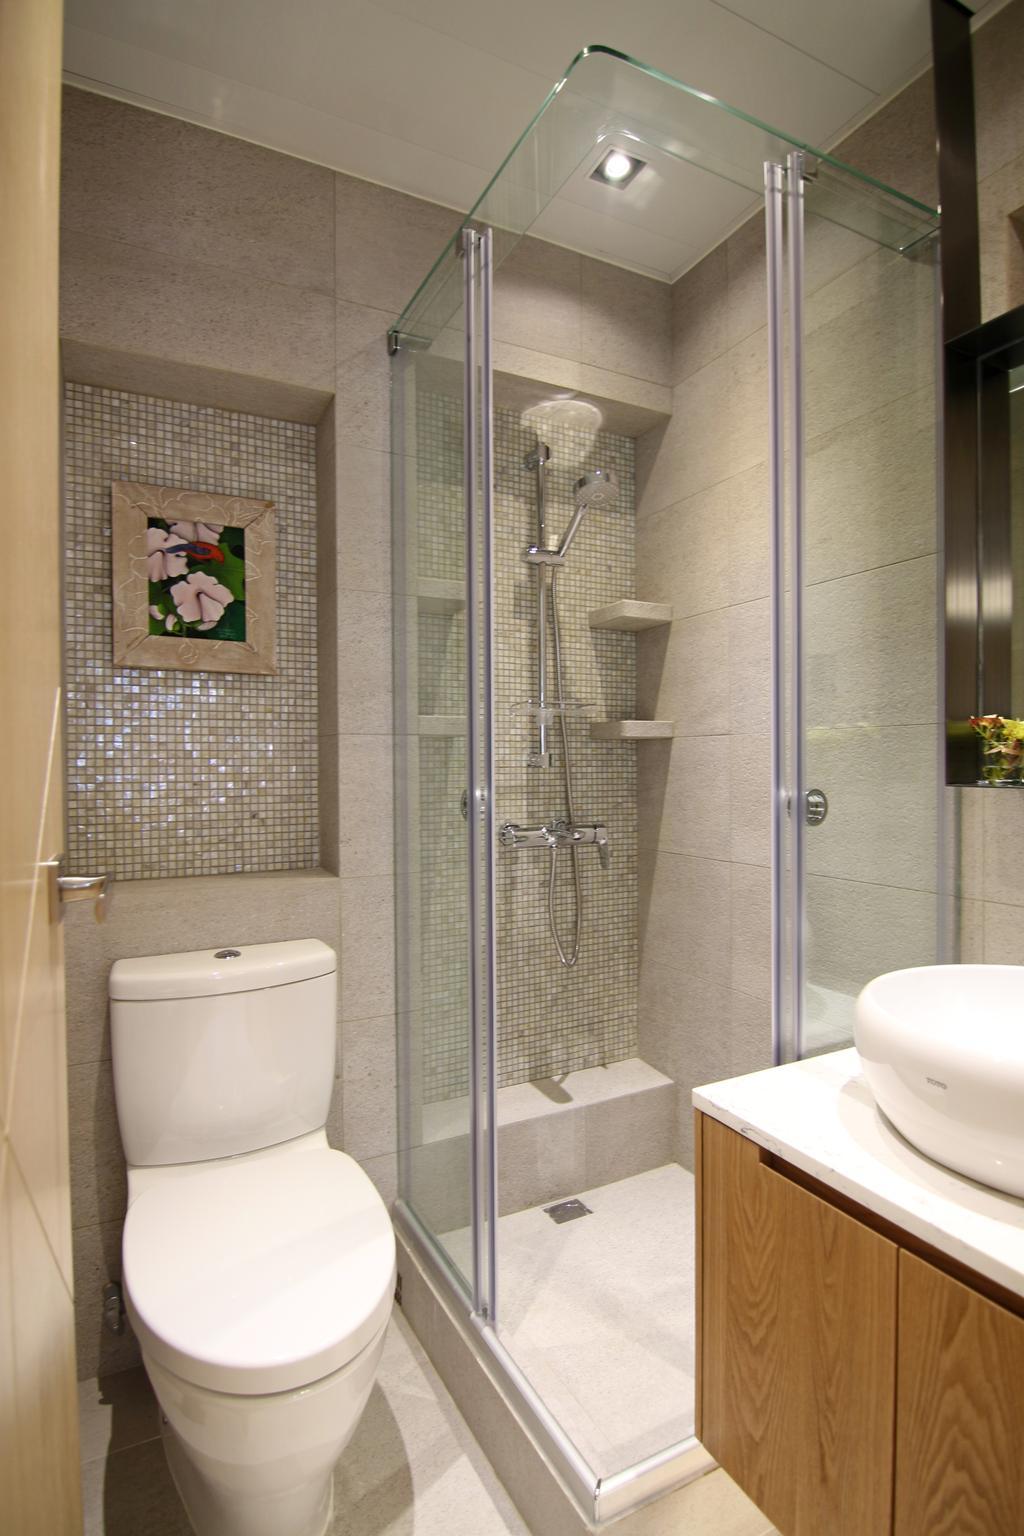 私家樓, 浴室, 聚龍居, 室內設計師, Bel Concetto, Toilet, Indoors, Interior Design, Room